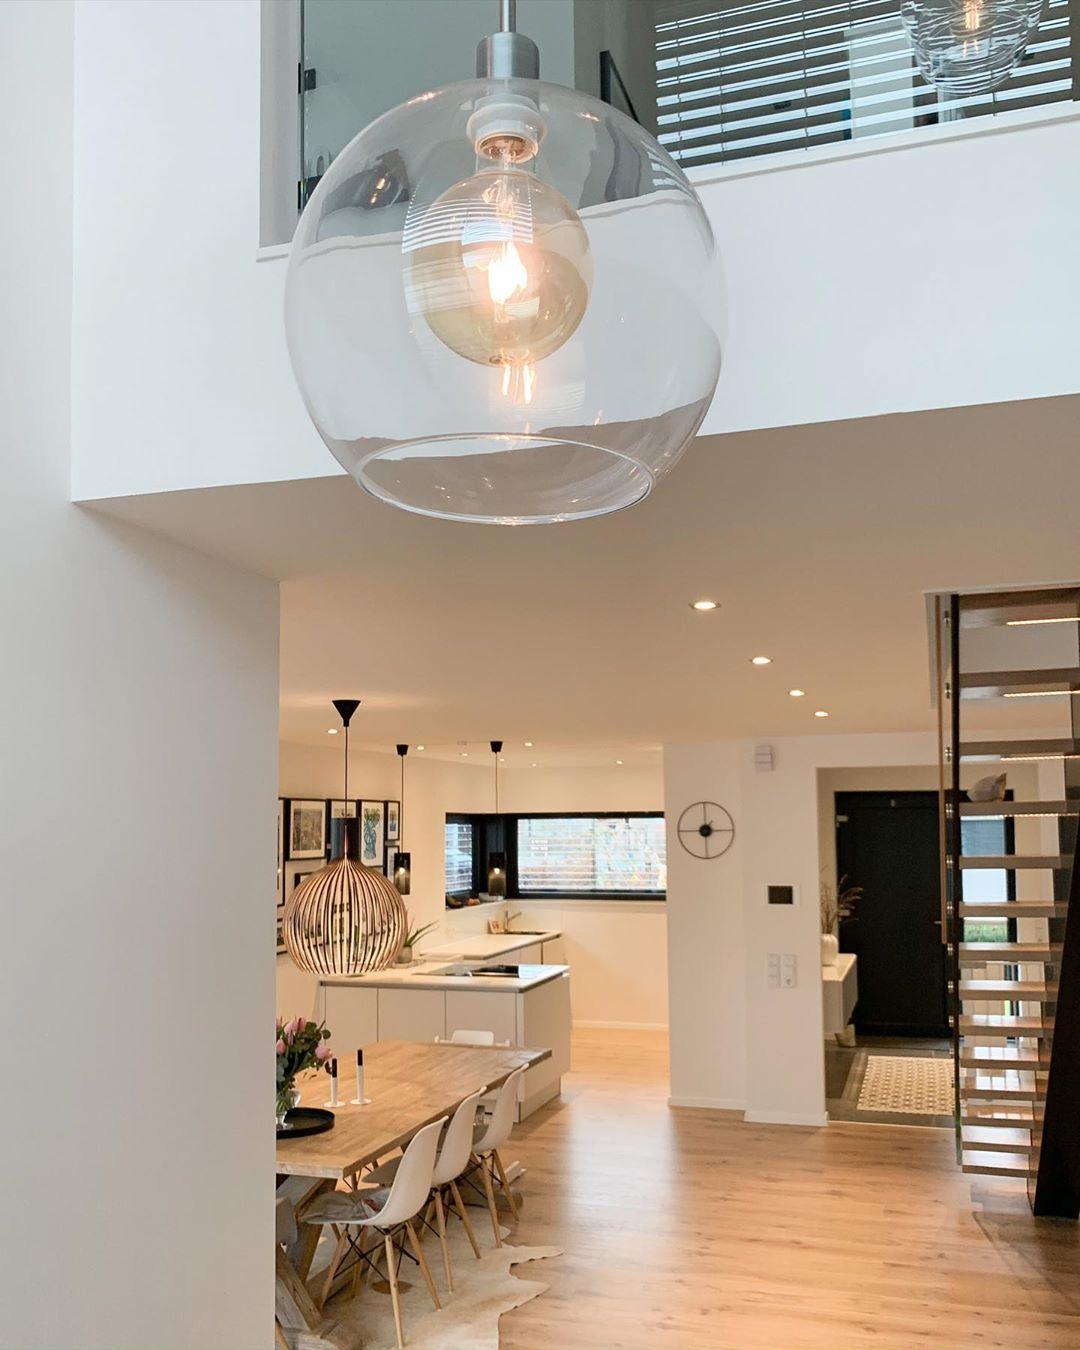 Galerie Mit Glas Und Licht In 2020 Licht Glas